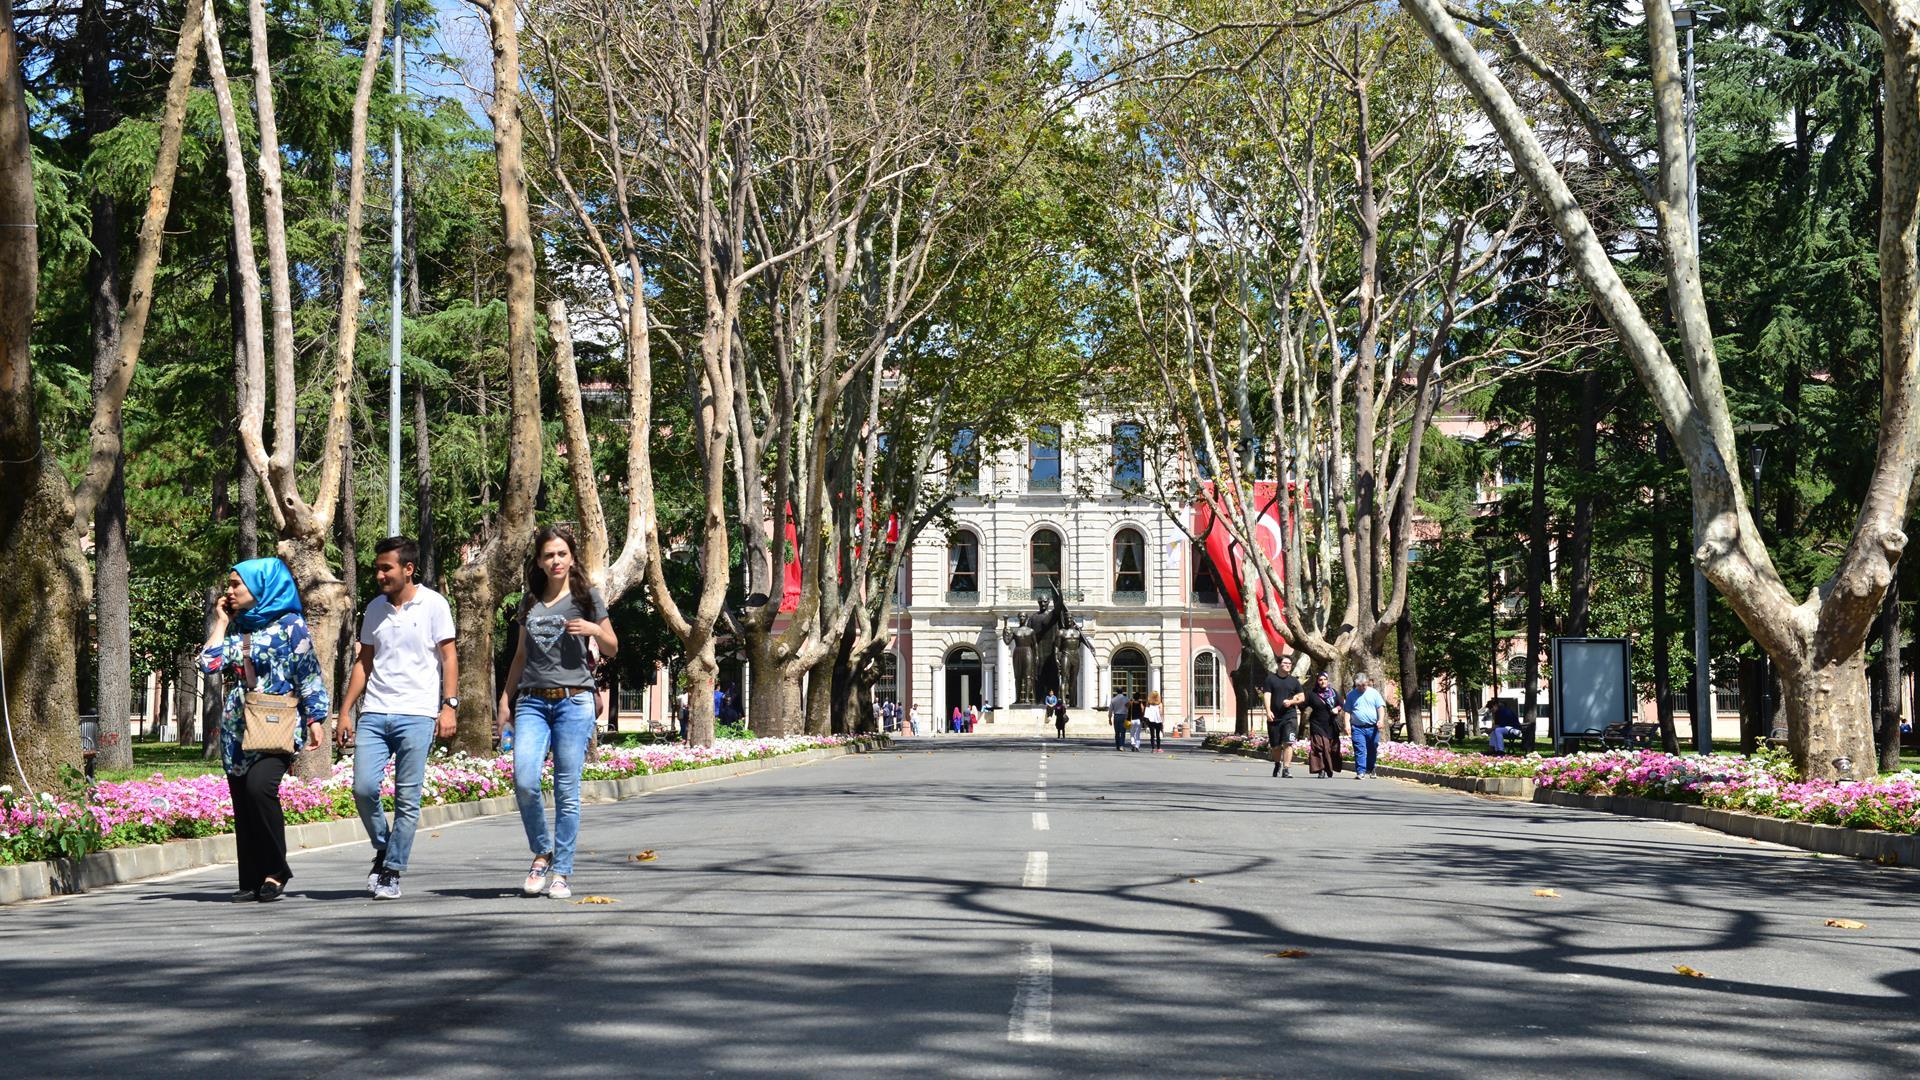 İstanbul-Üniversitesi'nde-Kontenjanların-Doluluk-Oranı-%100'ün-Üzerinde